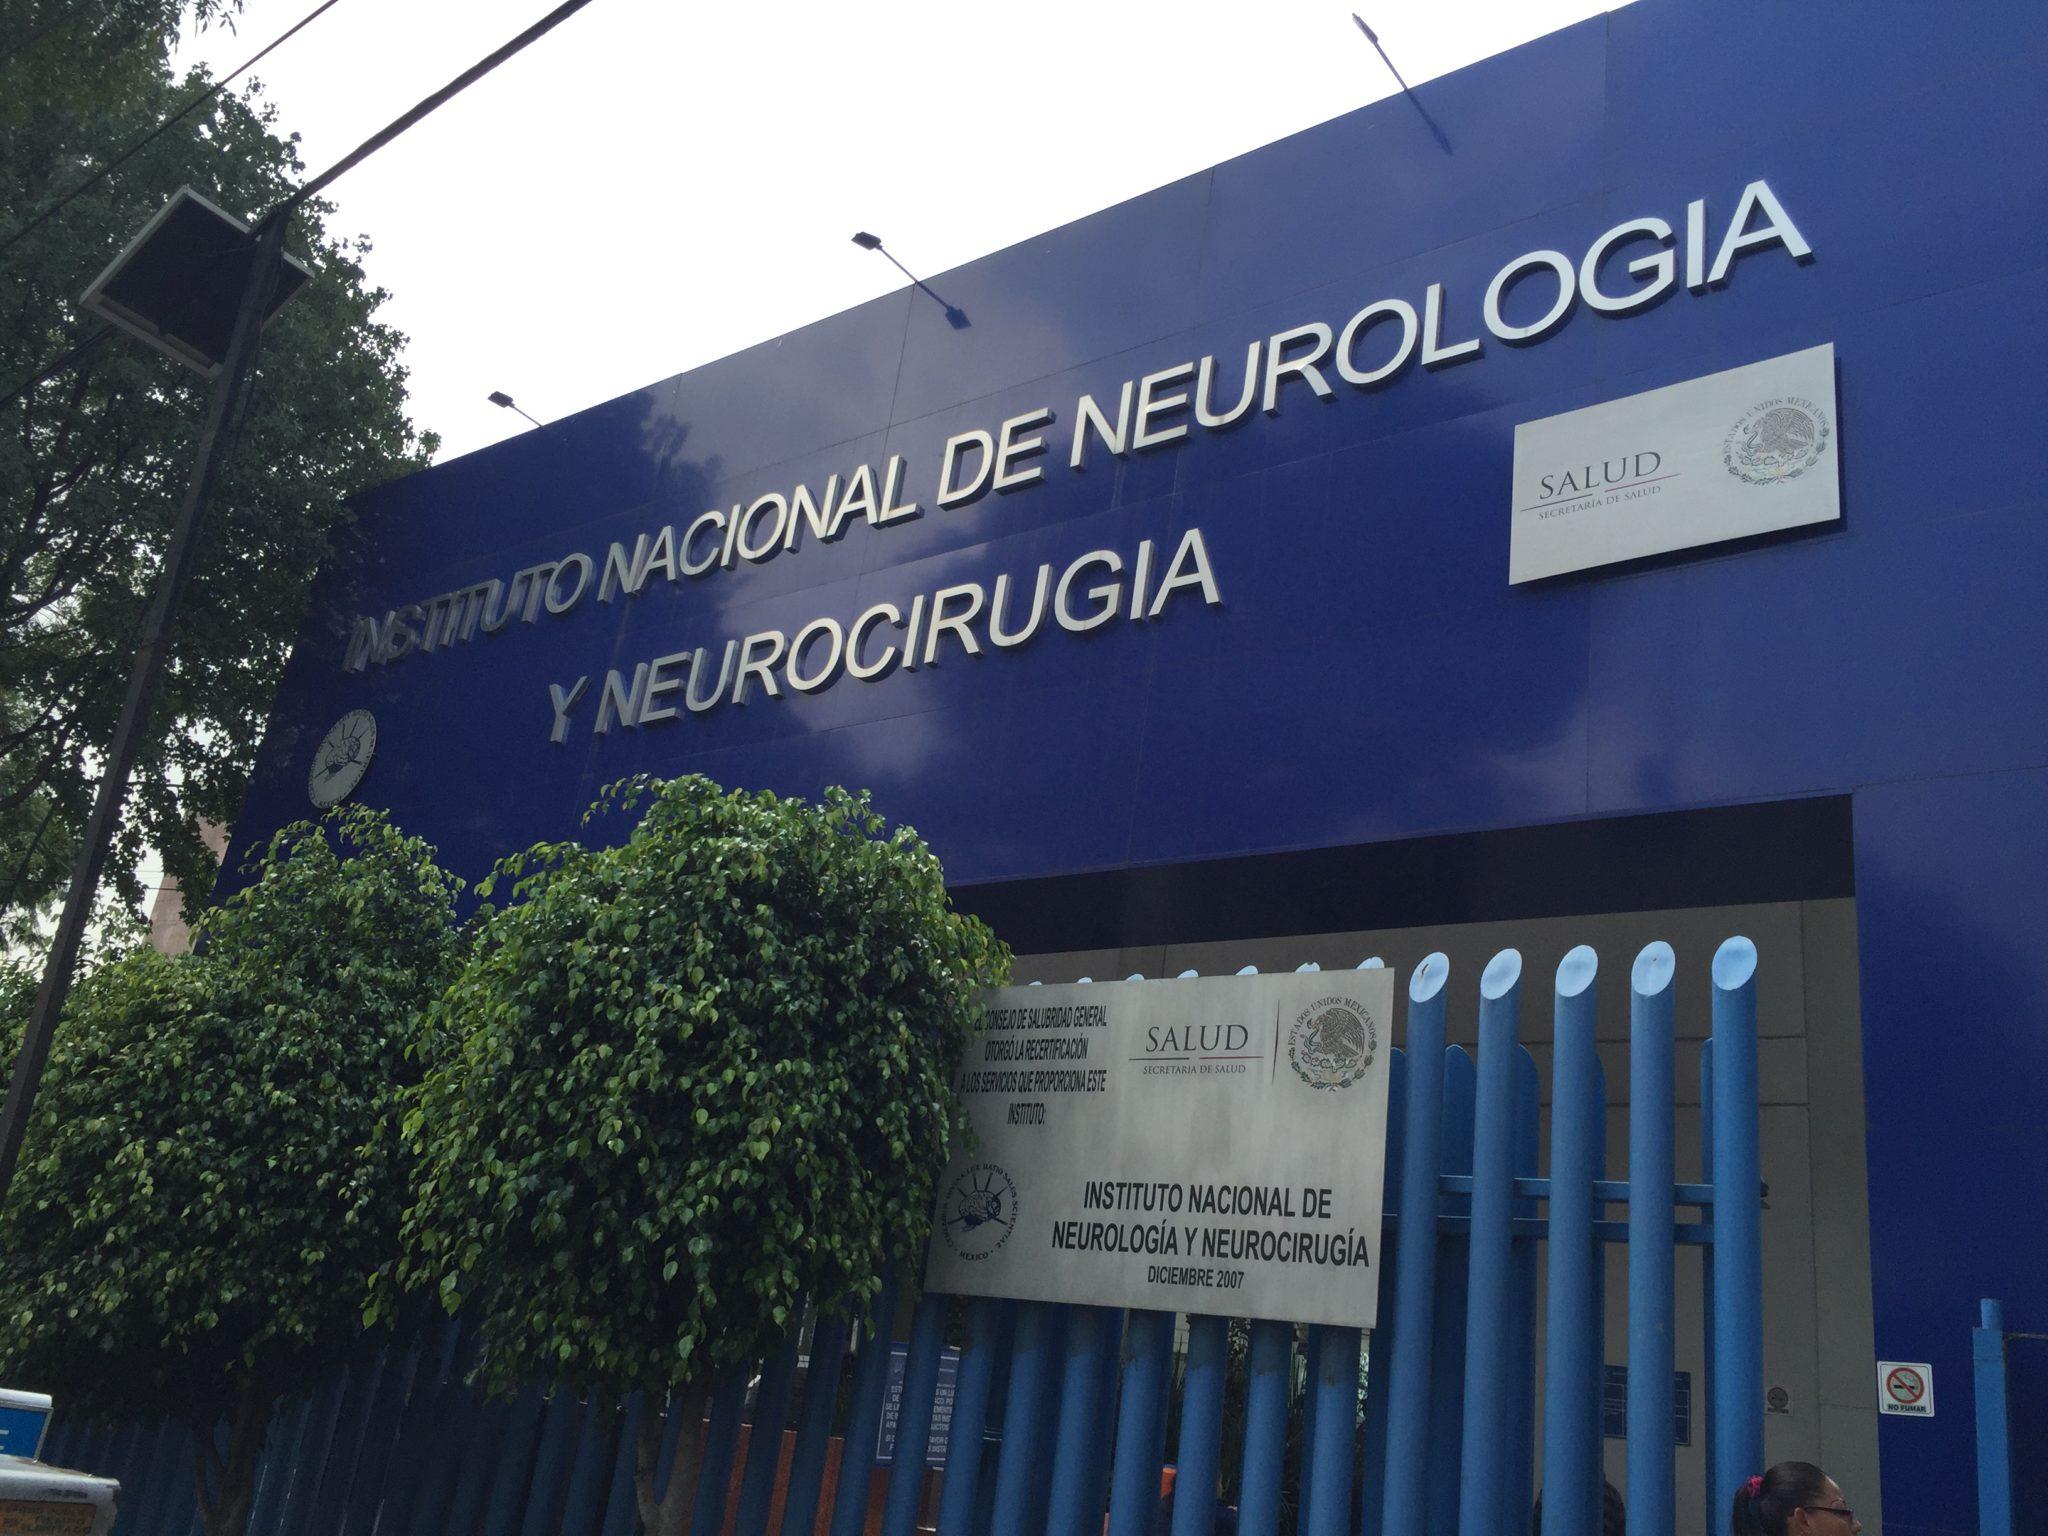 Instituto Nacional de Neurología se queda sin equipos especializados